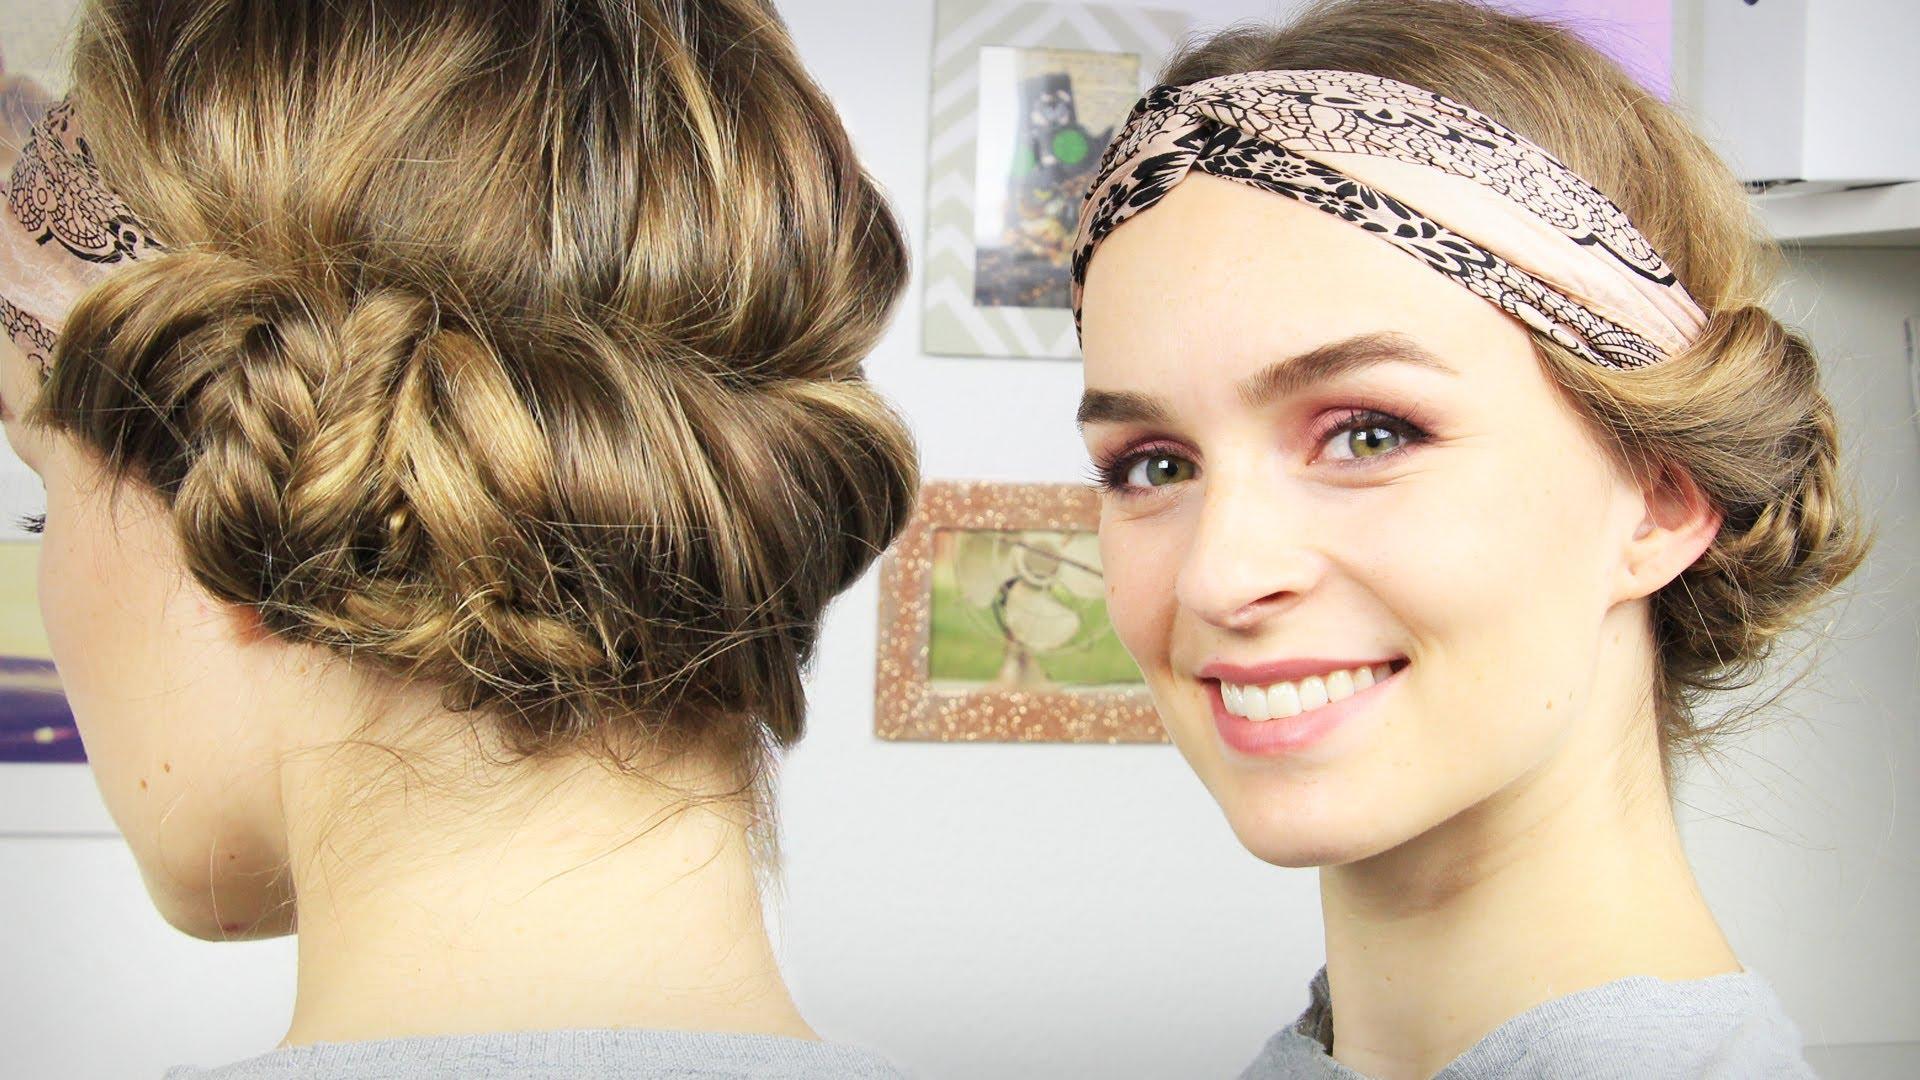 |haare| Haarband-frisur Mit Seitlichem Dutt – Tuchhaarband – Schick & Schnell